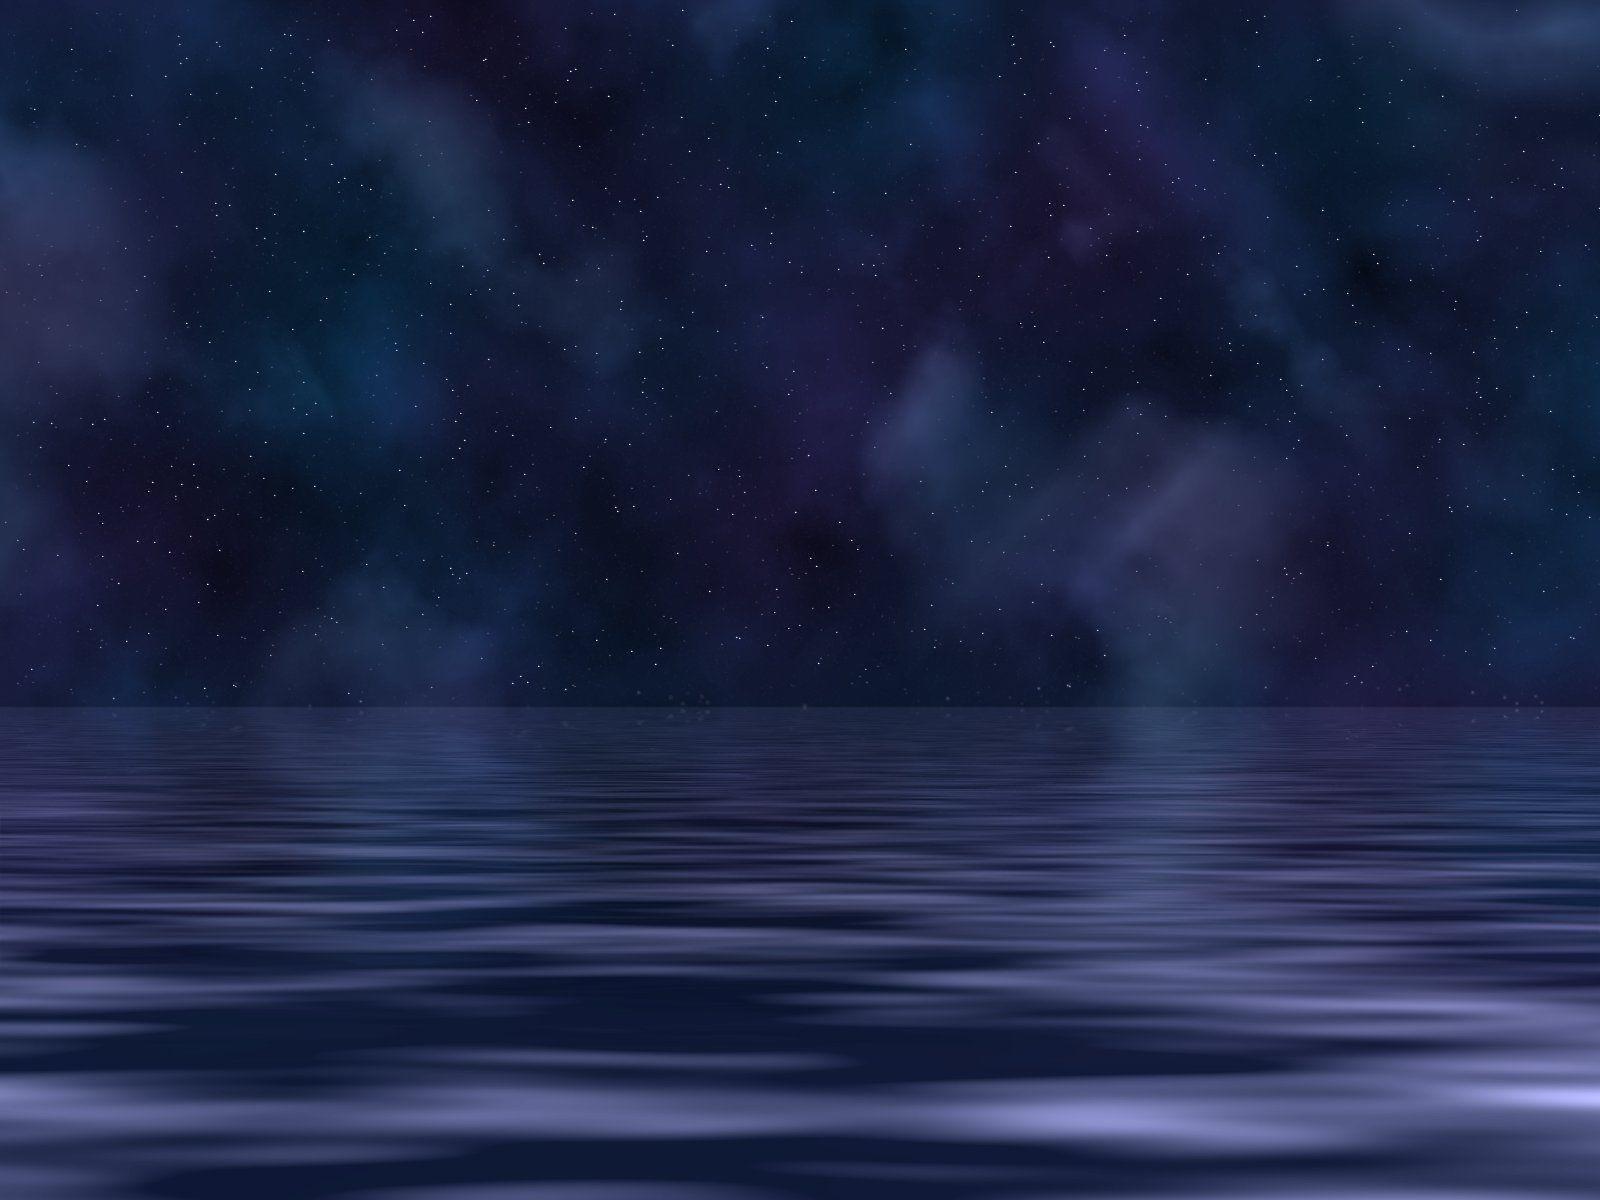 Sapphire Waters Wallpaper by AshlieNelson on DeviantArt